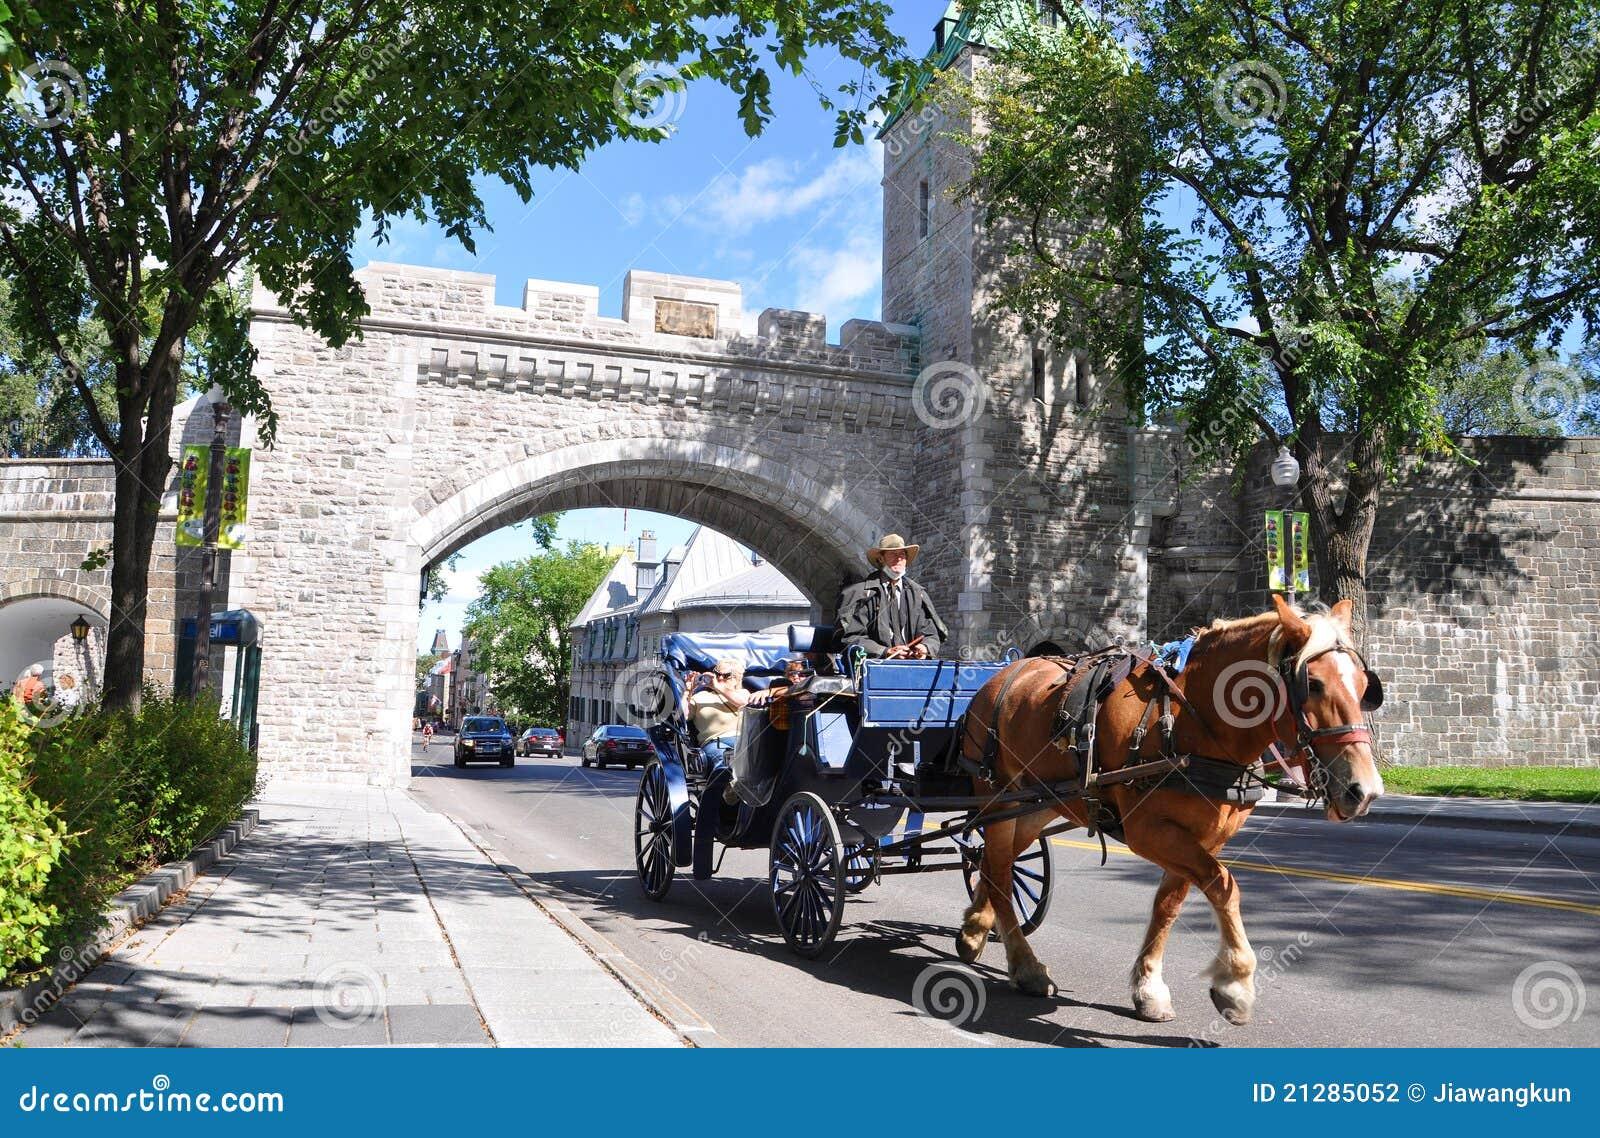 Porte de st louis quebec city photographie ditorial for Porte st louis